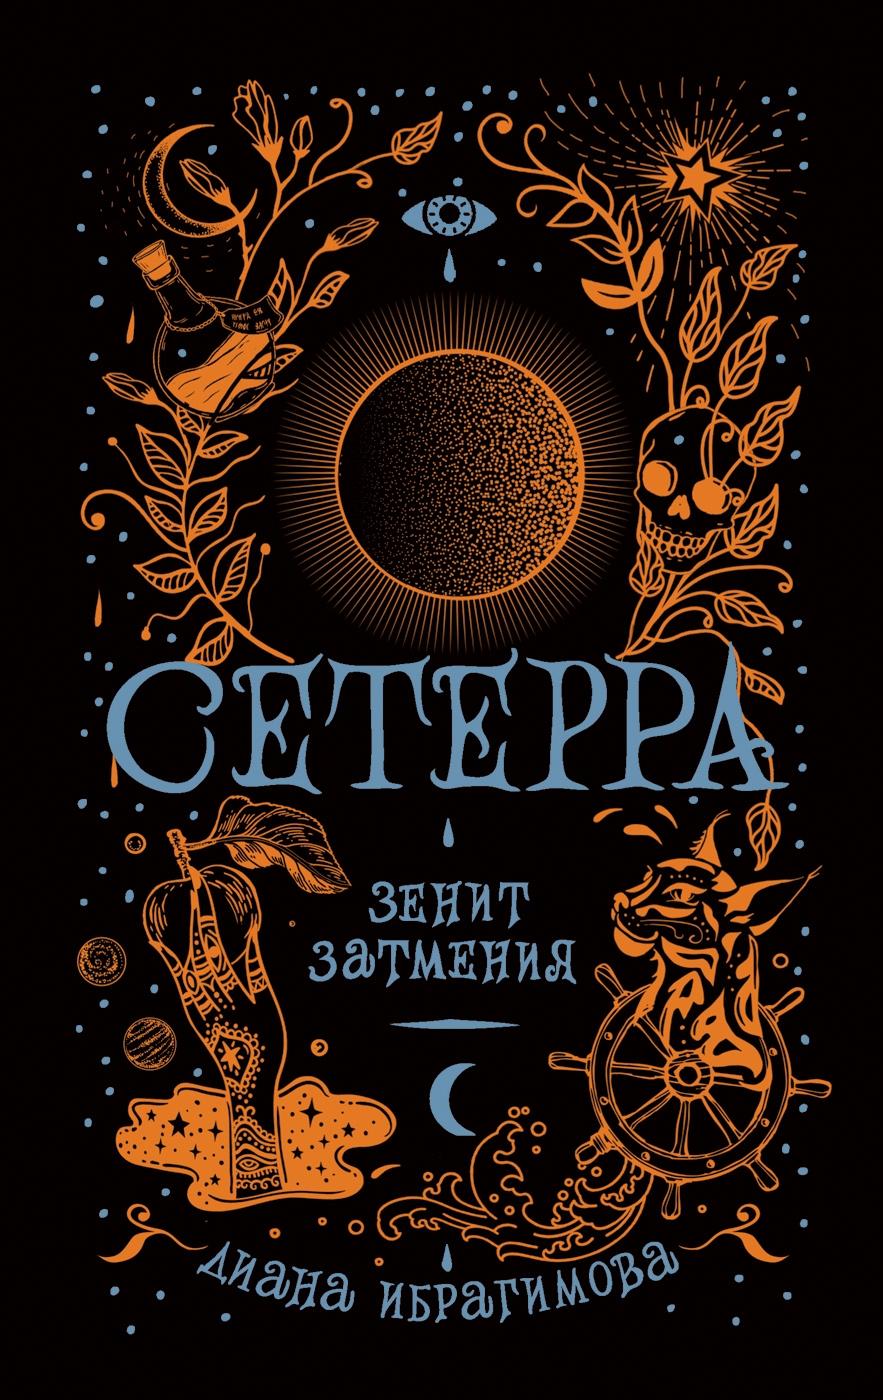 «Сетерра. Зенит затмения» Диана Ибрагимова